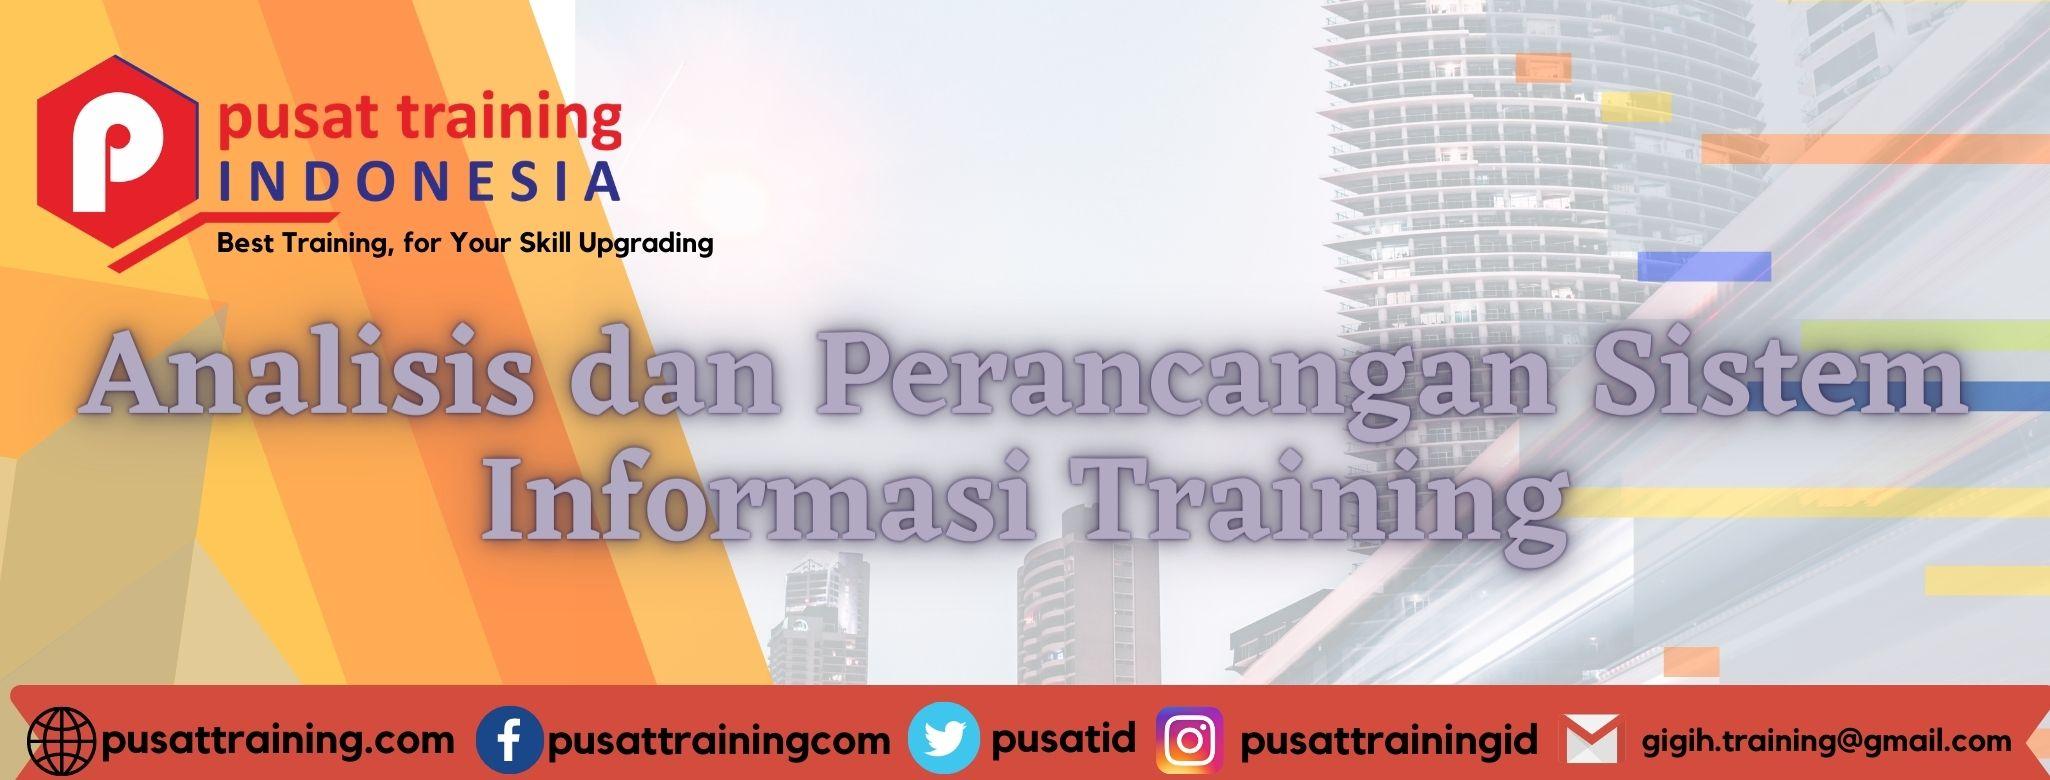 Analisis dan Perancangan Sistem Informasi Training